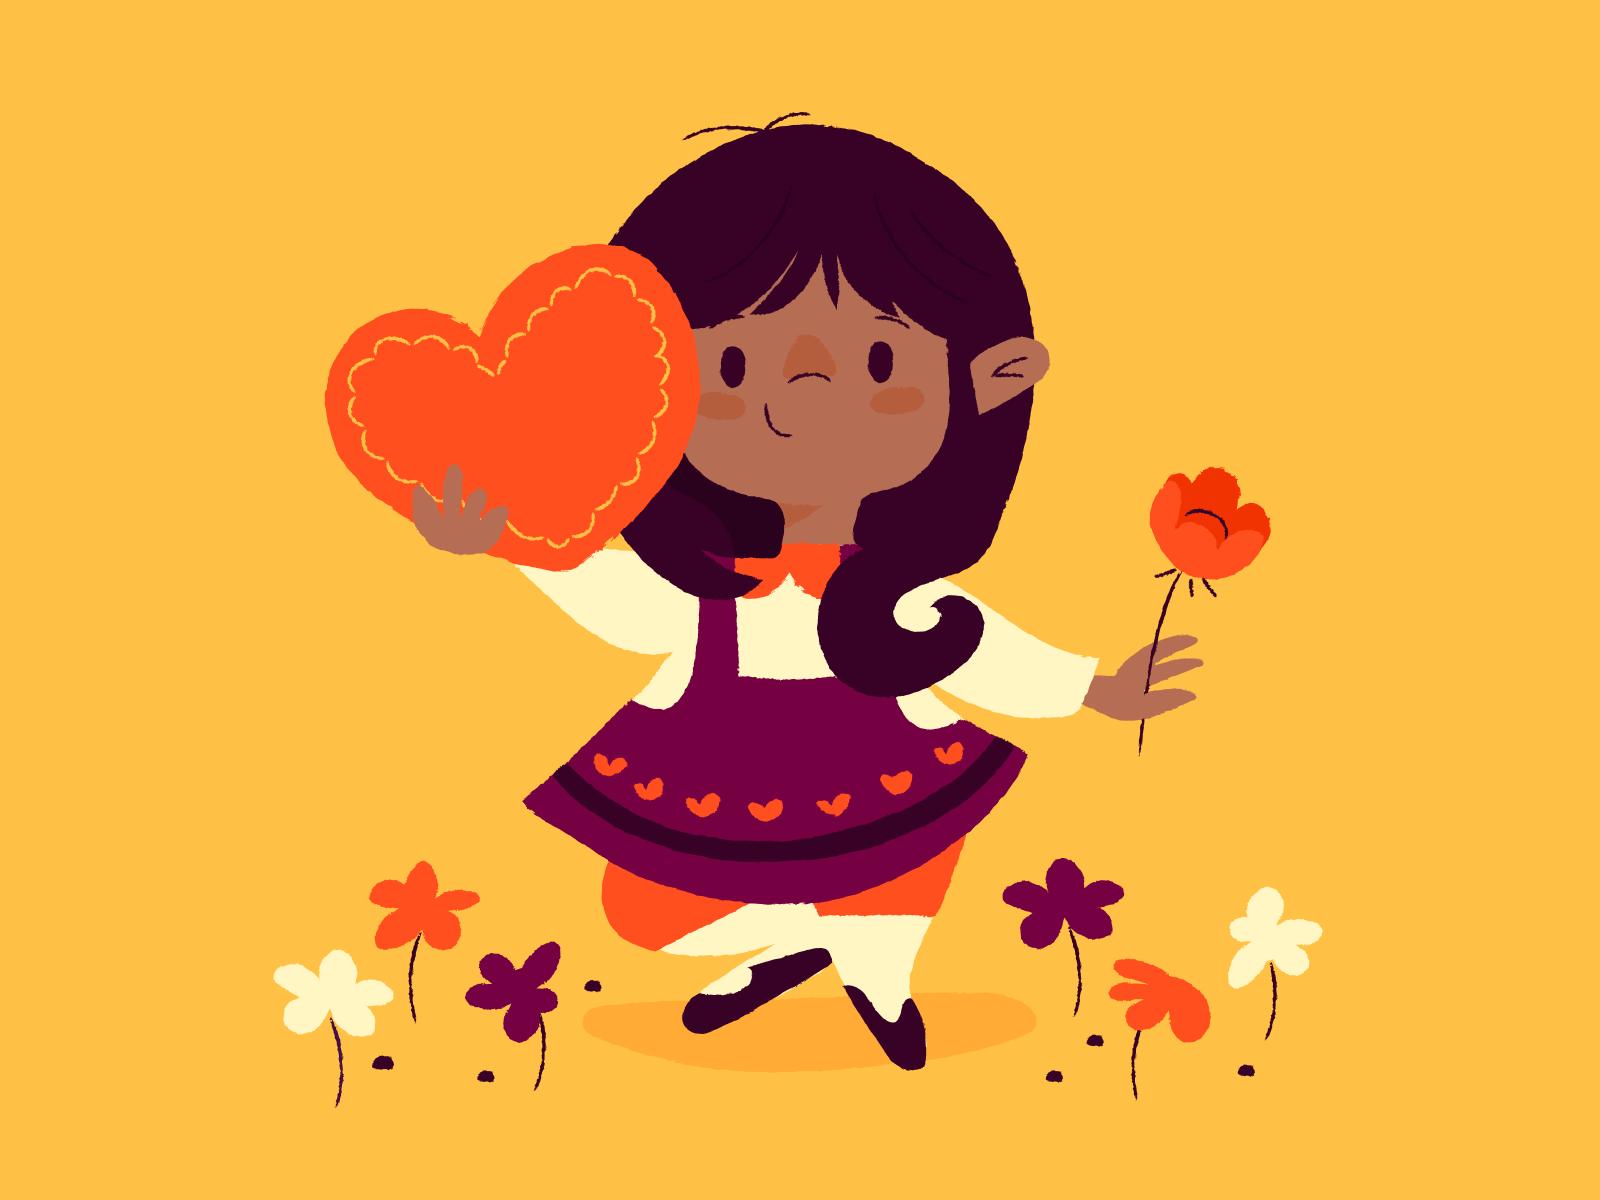 Illustratie van kind met een hart en een bloem, Anna Hurley